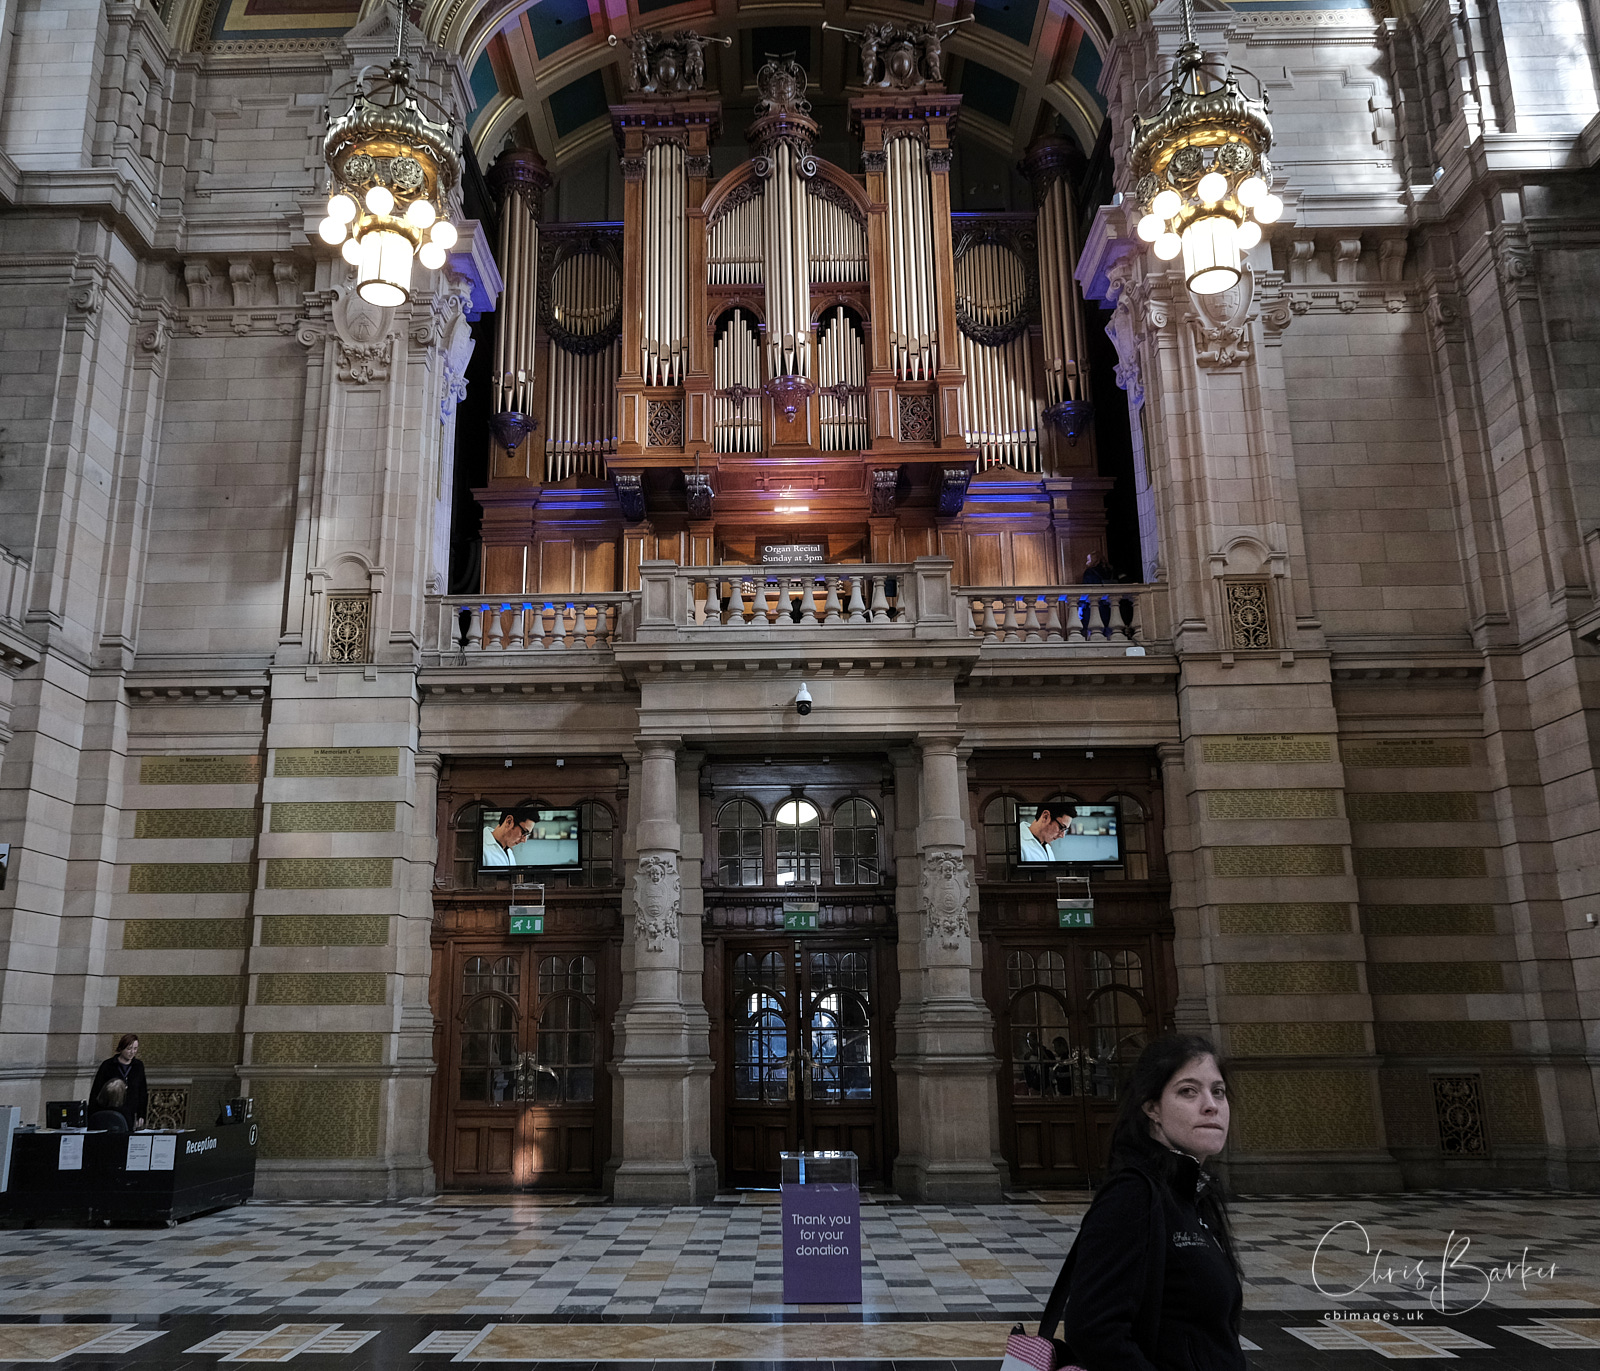 Organ in hall at Kelvingrove Art Gallery and Museum